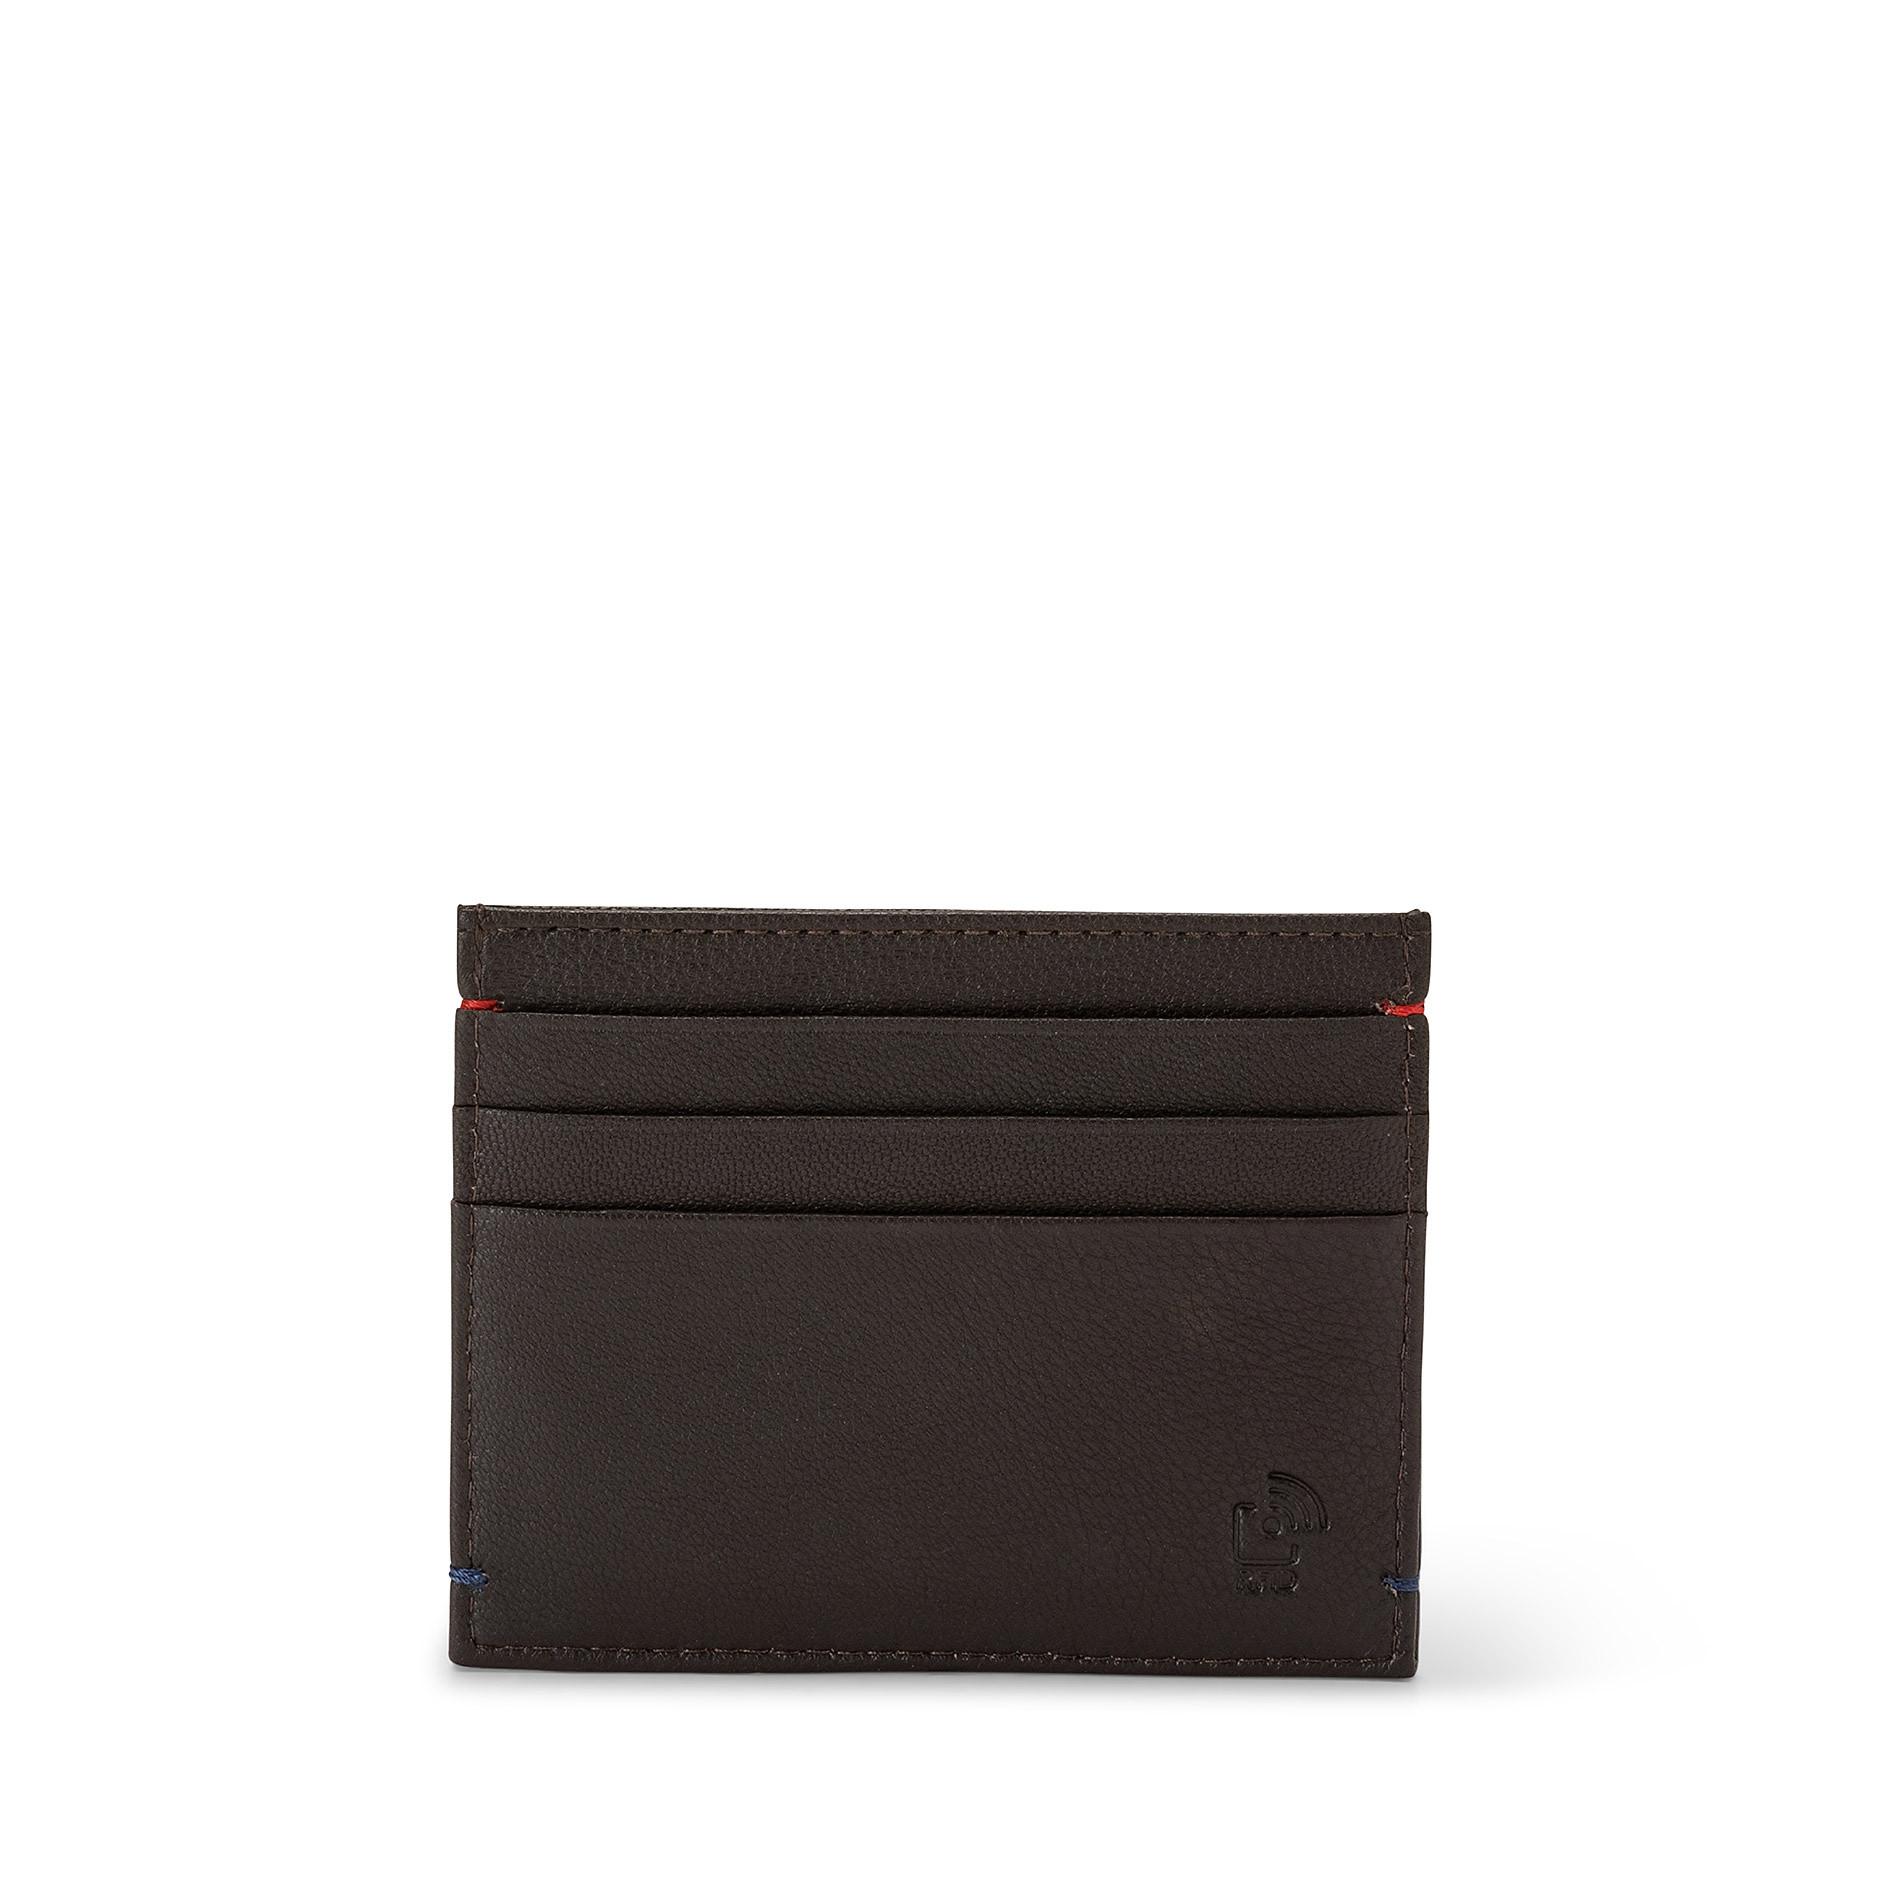 Porta carte di credito in pelle Luca D'Altieri, Marrone scuro, large image number 2